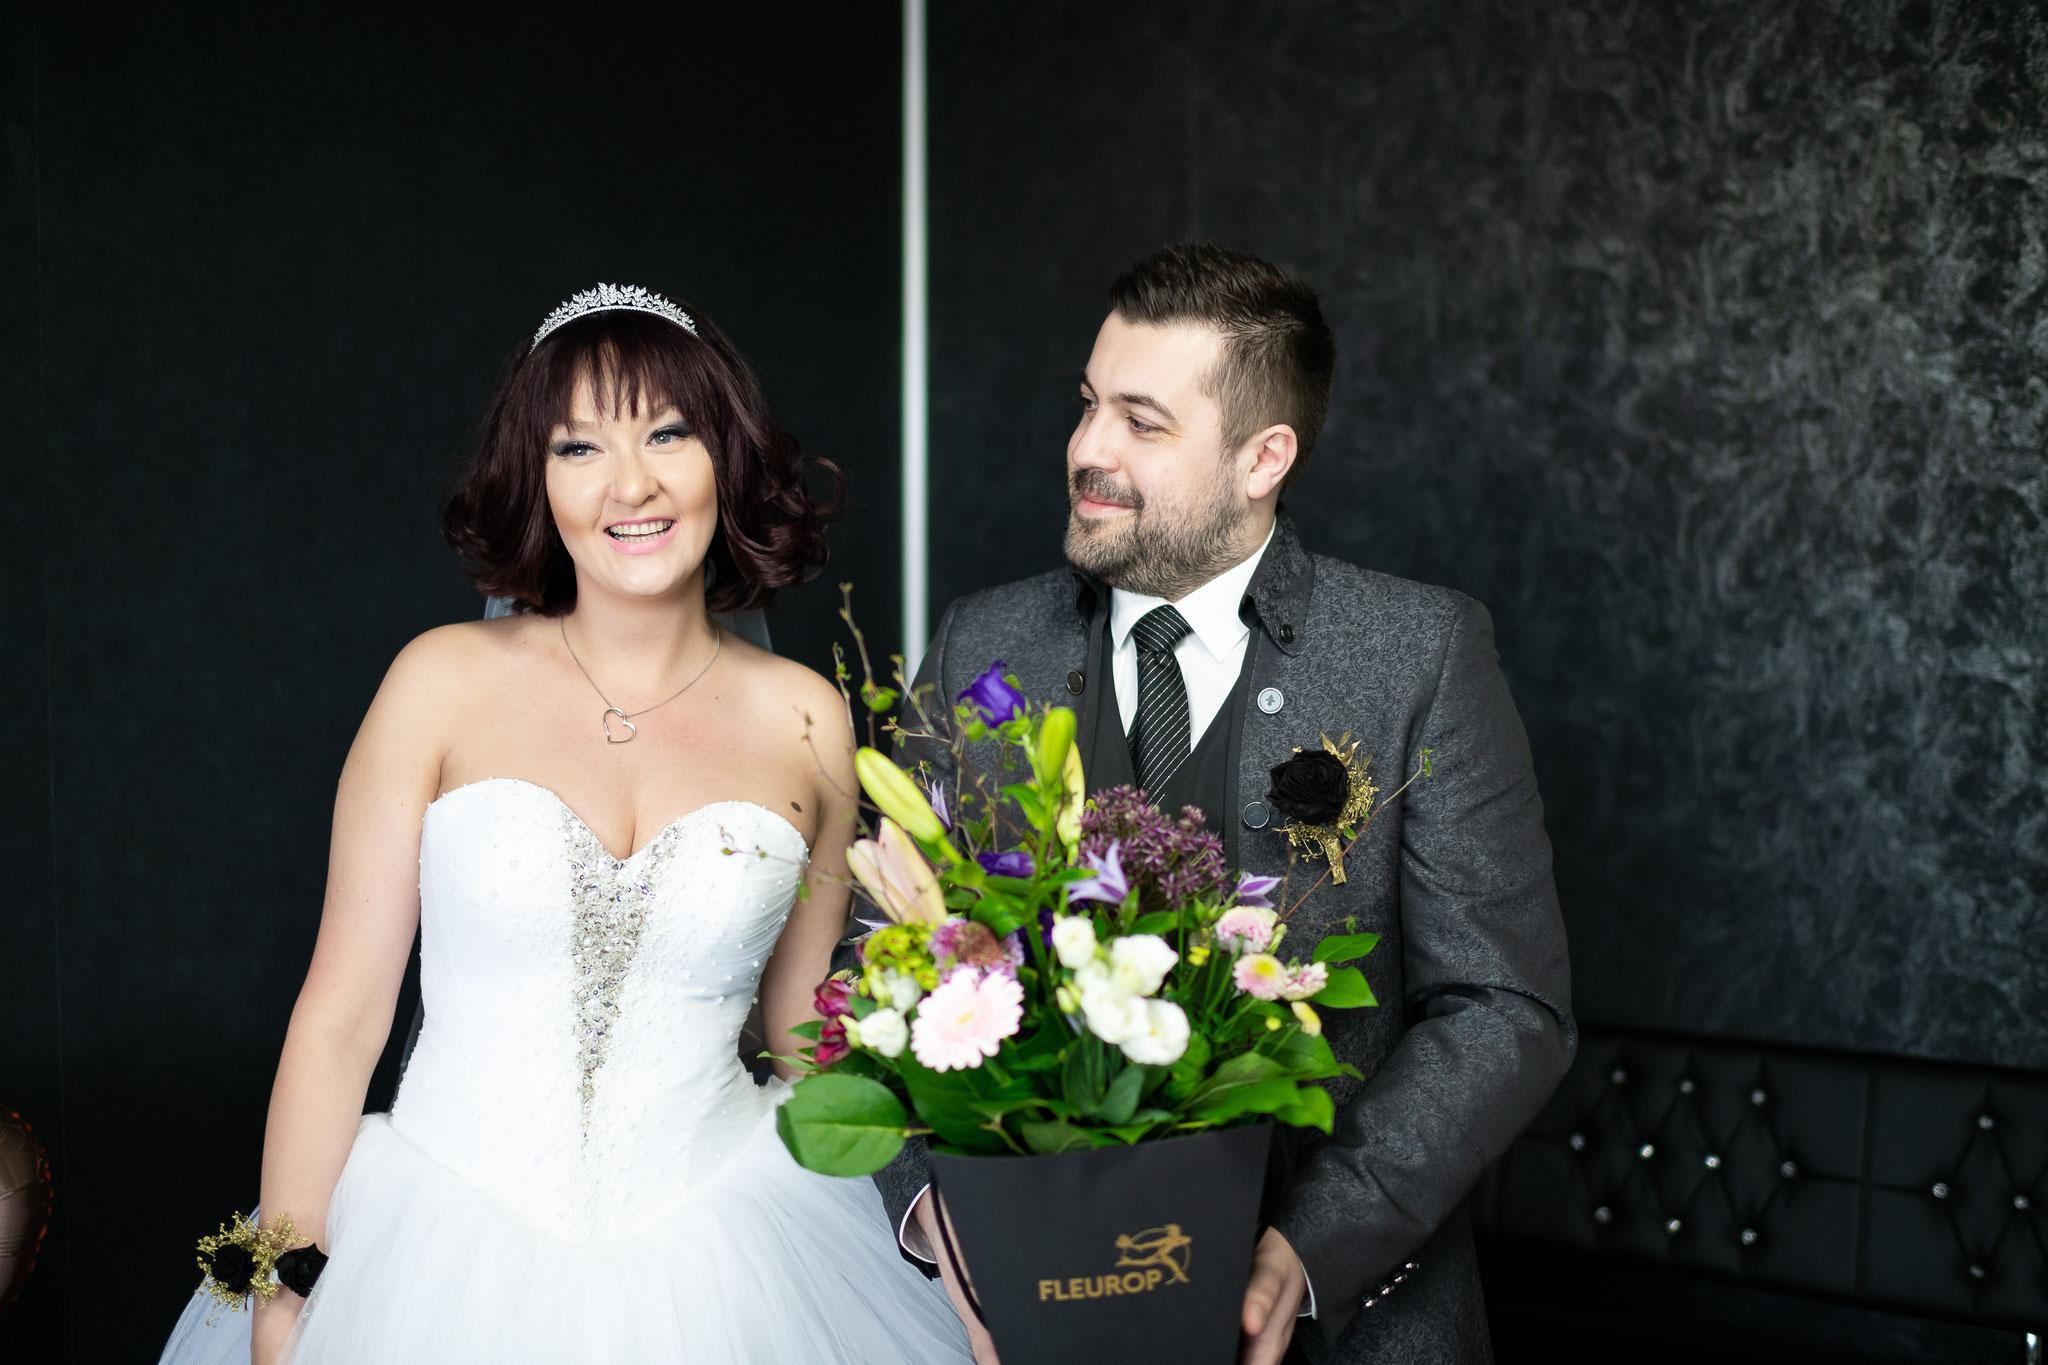 Mein Hochzeitsfotograf für professionelle Fotos in Düsseldorf